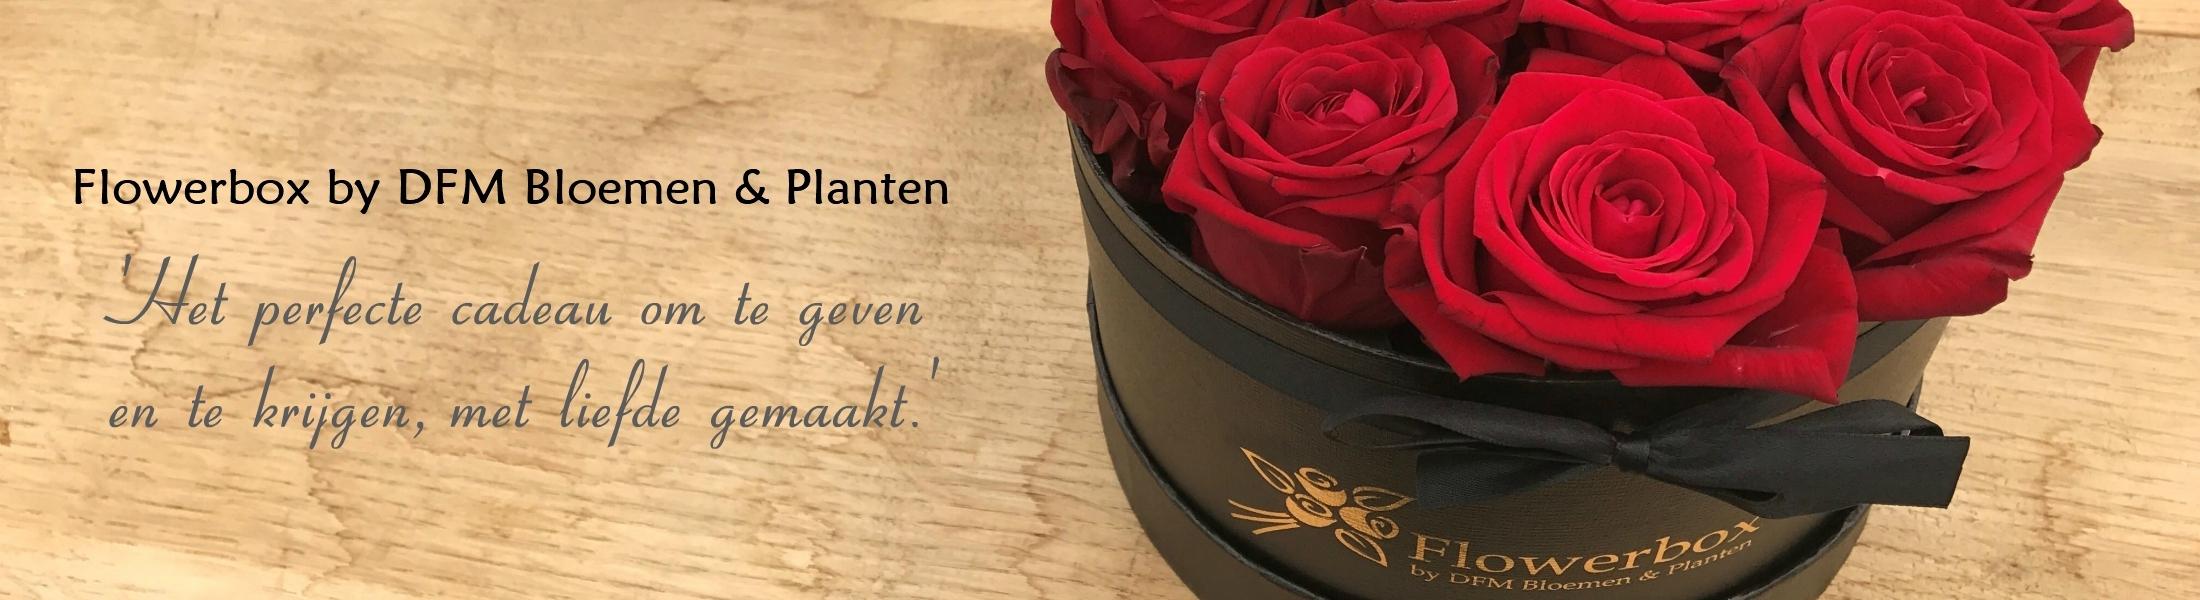 Flowerbox rozen